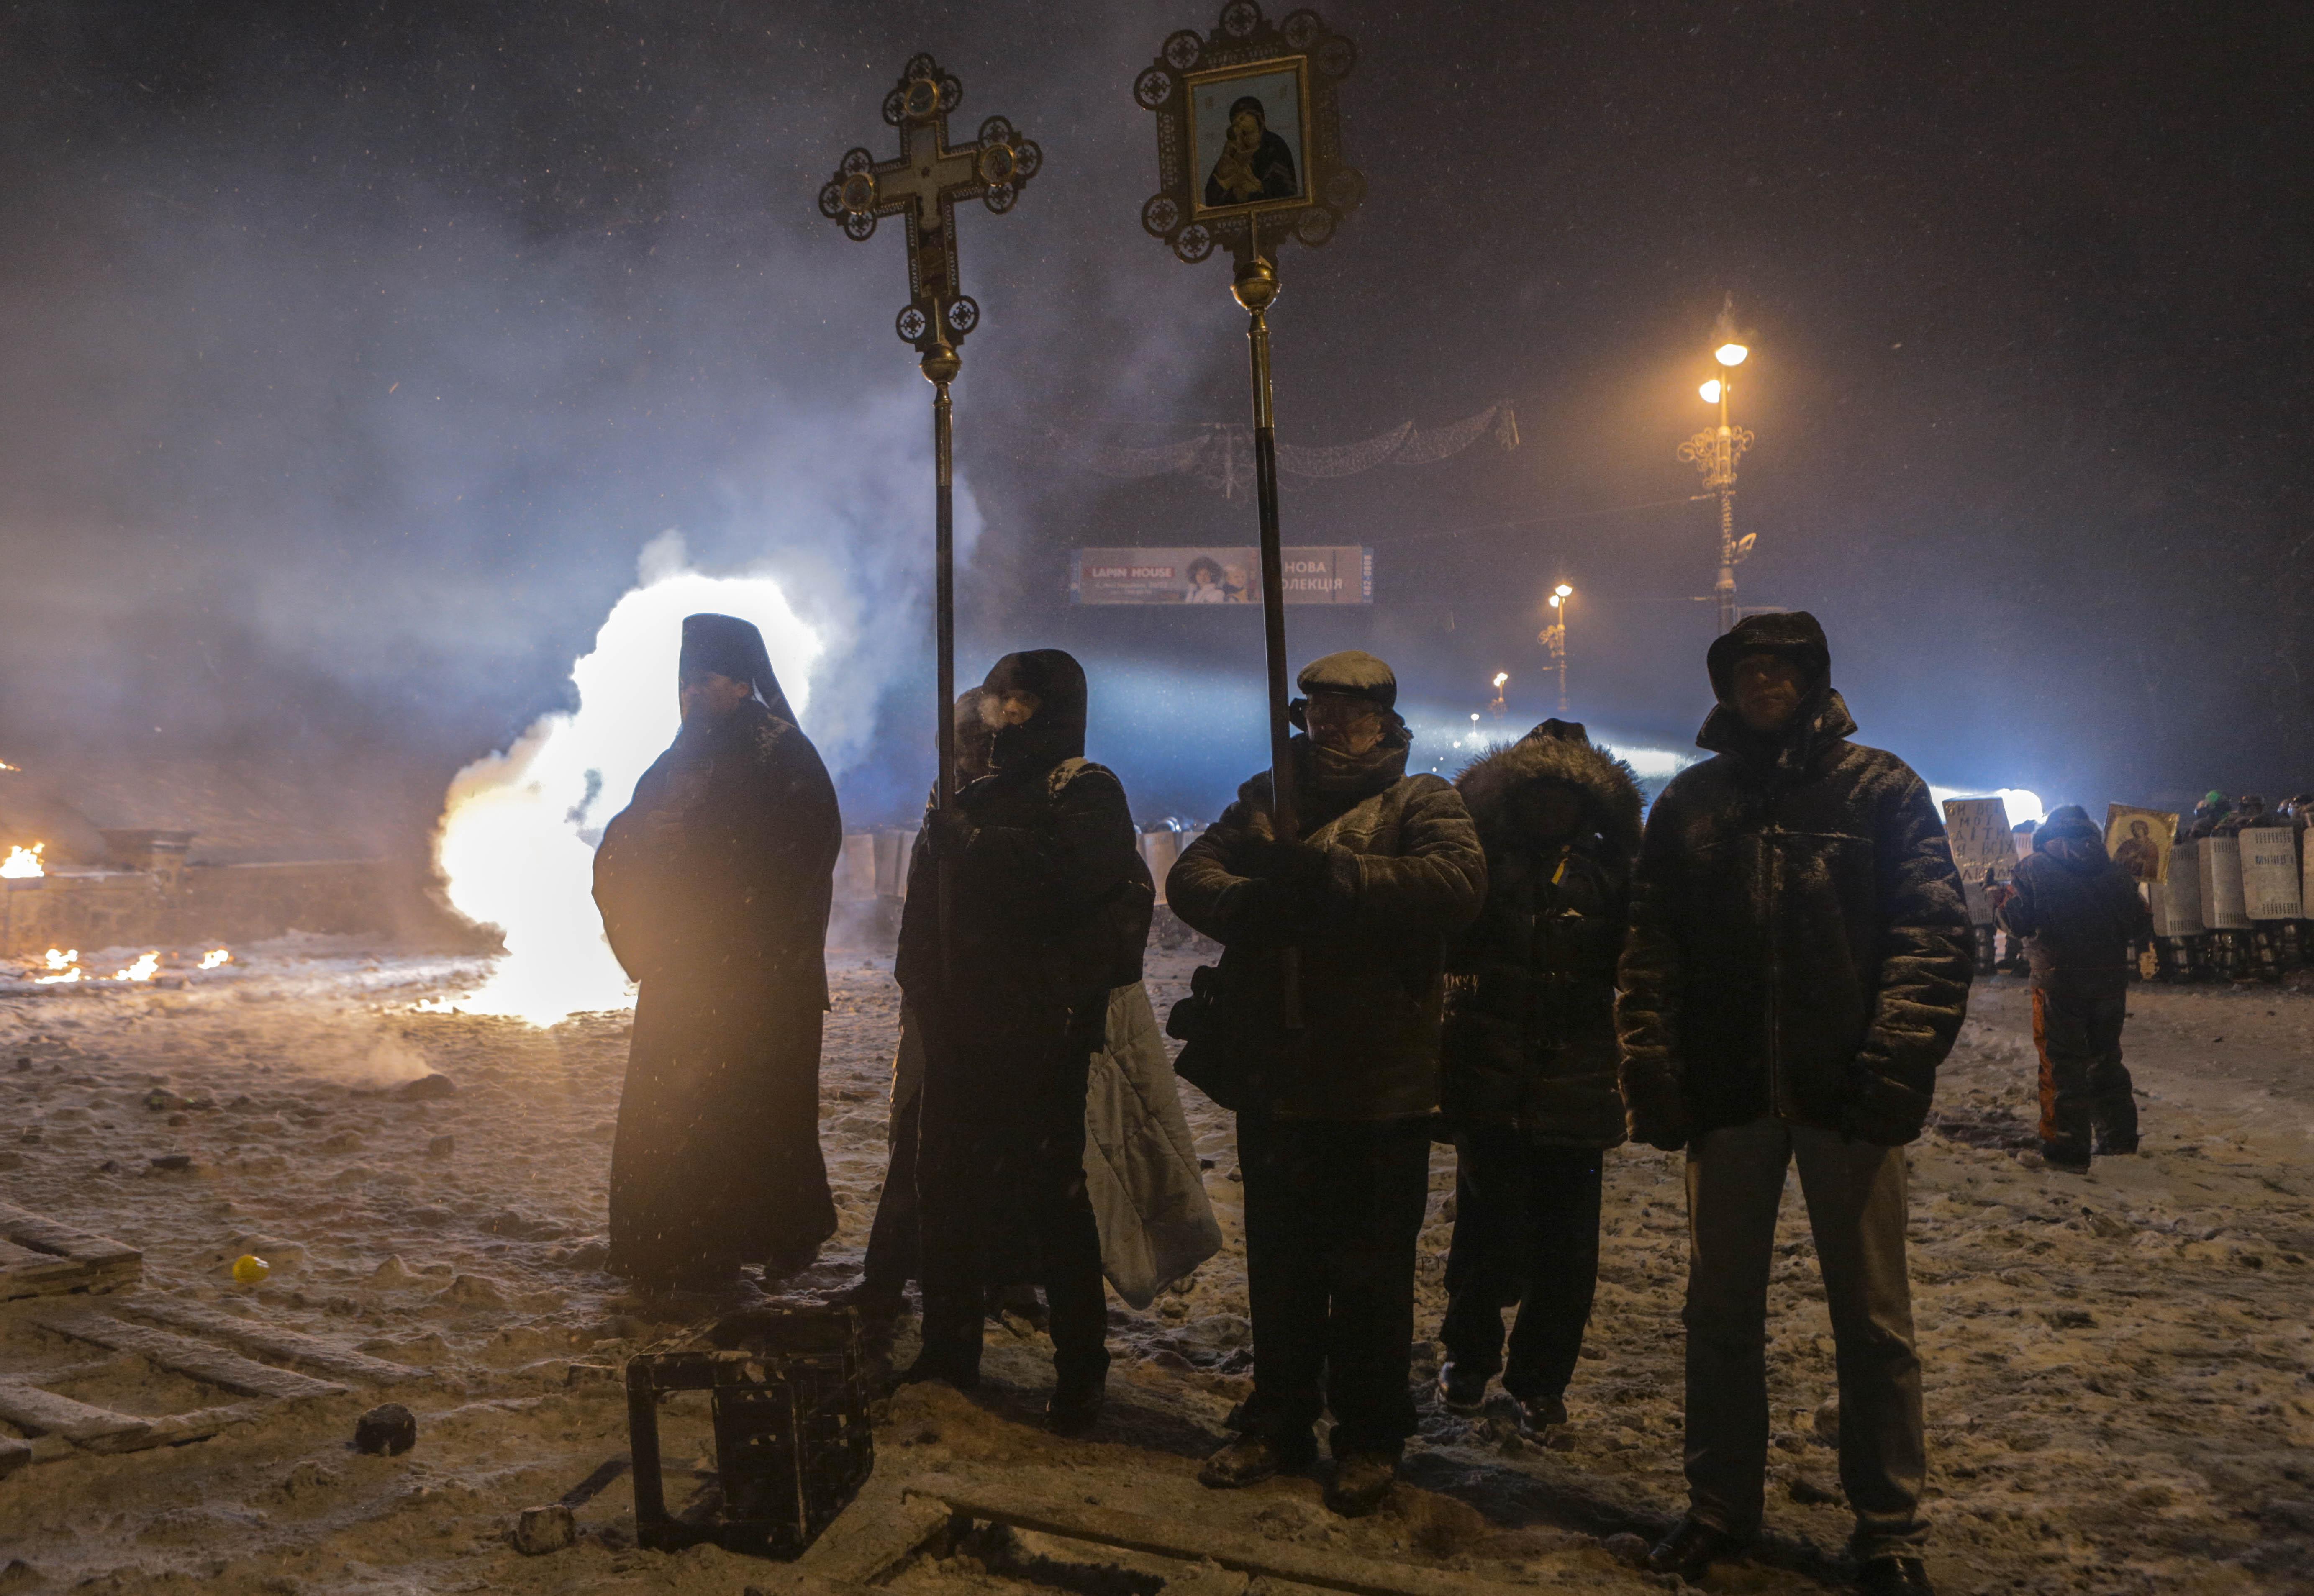 Михайловский монастырь в Киеве снова бьет в колокола в память о событиях на Майдане - Цензор.НЕТ 5720